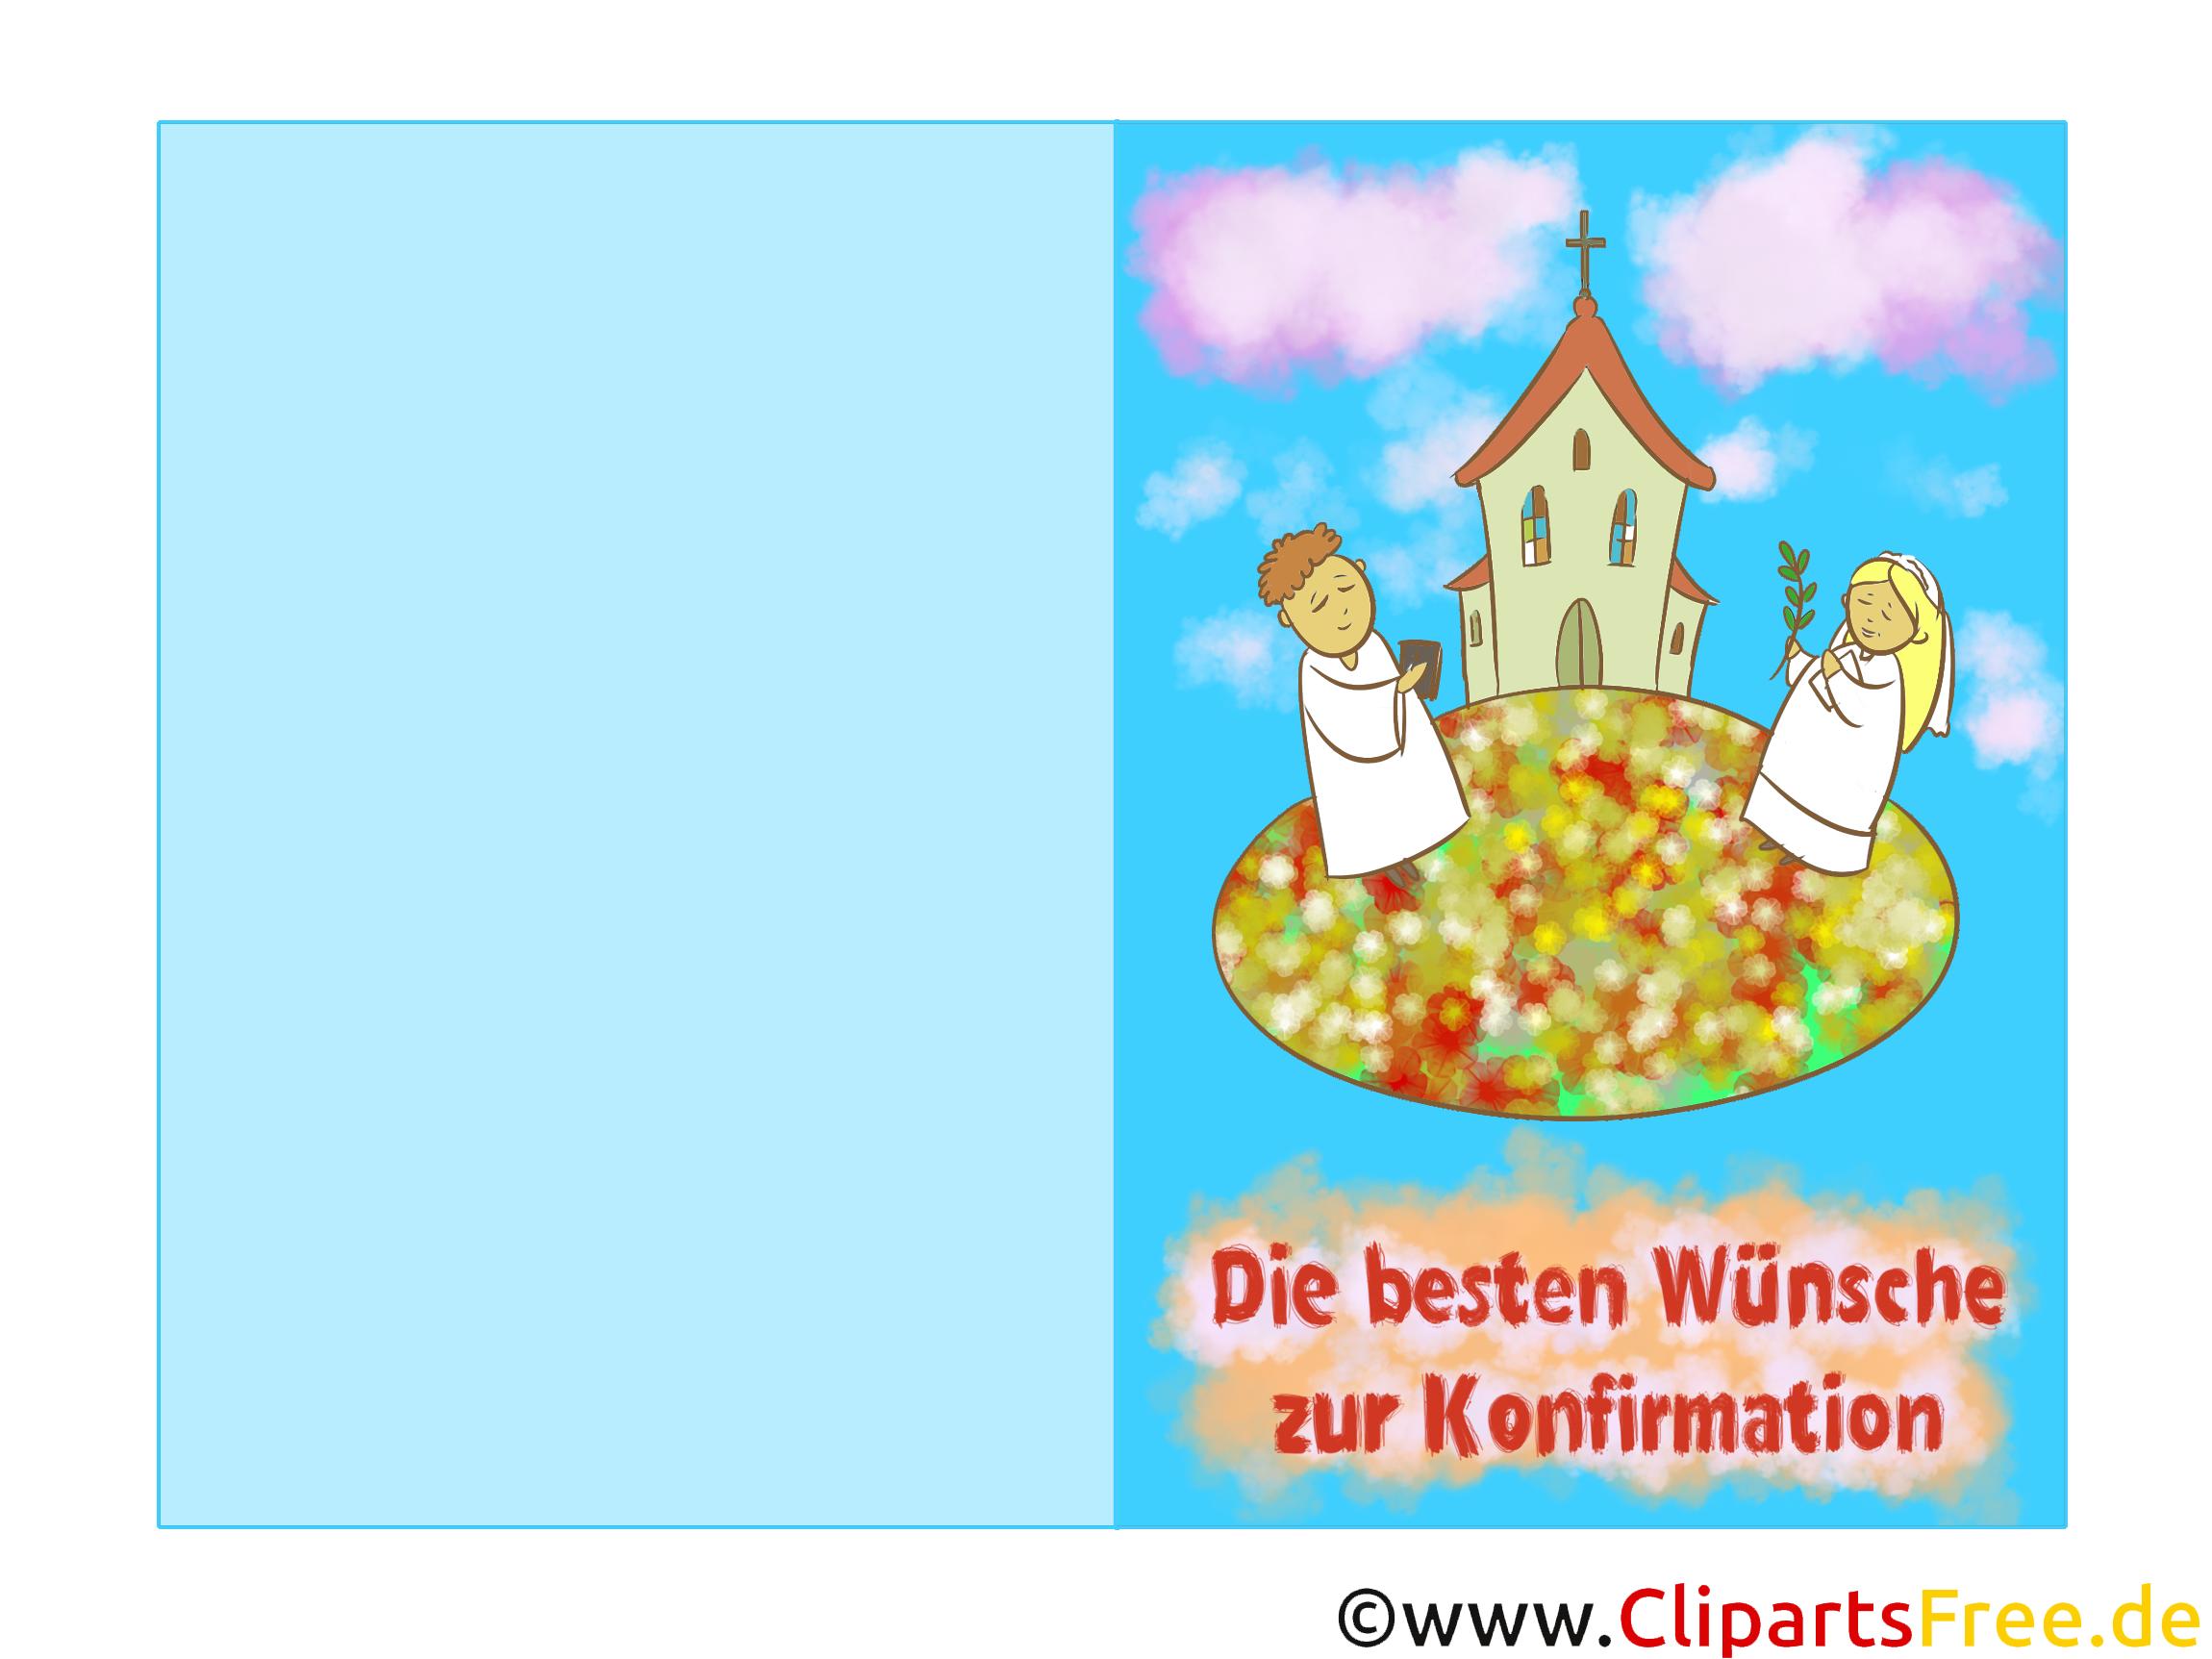 Zenyczenia po niemiecku na konfirmacja